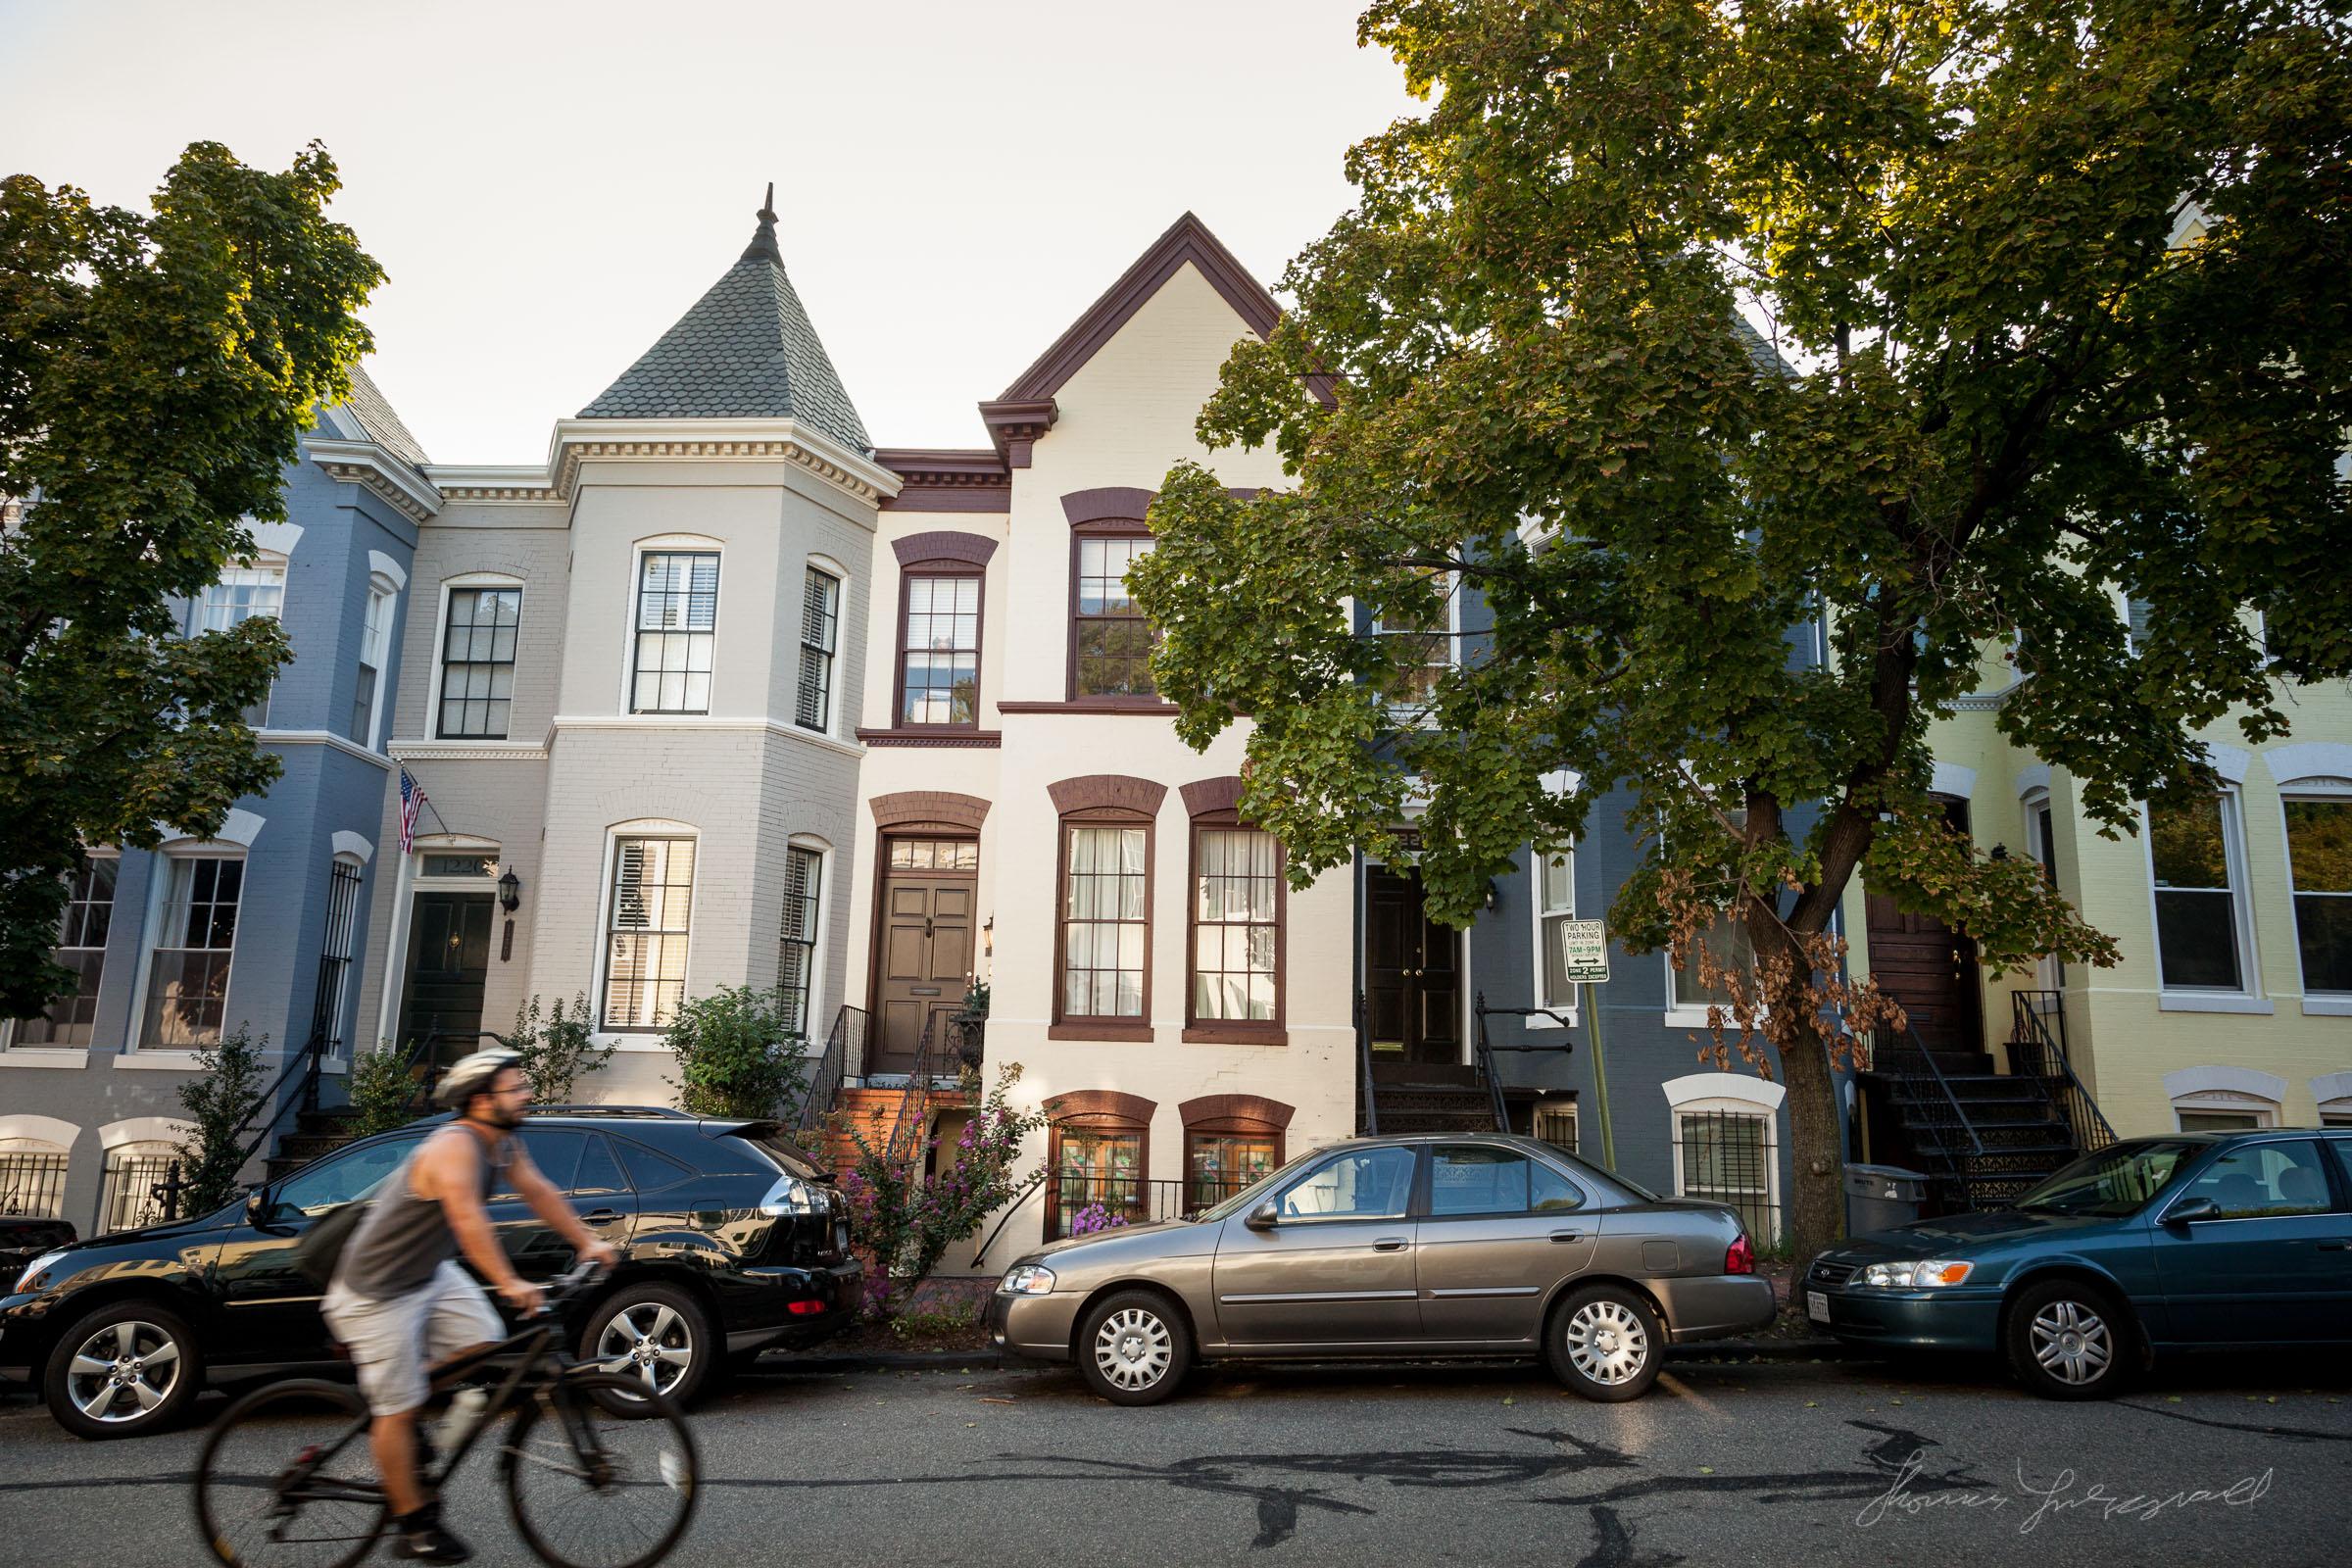 Houses in Georgetown